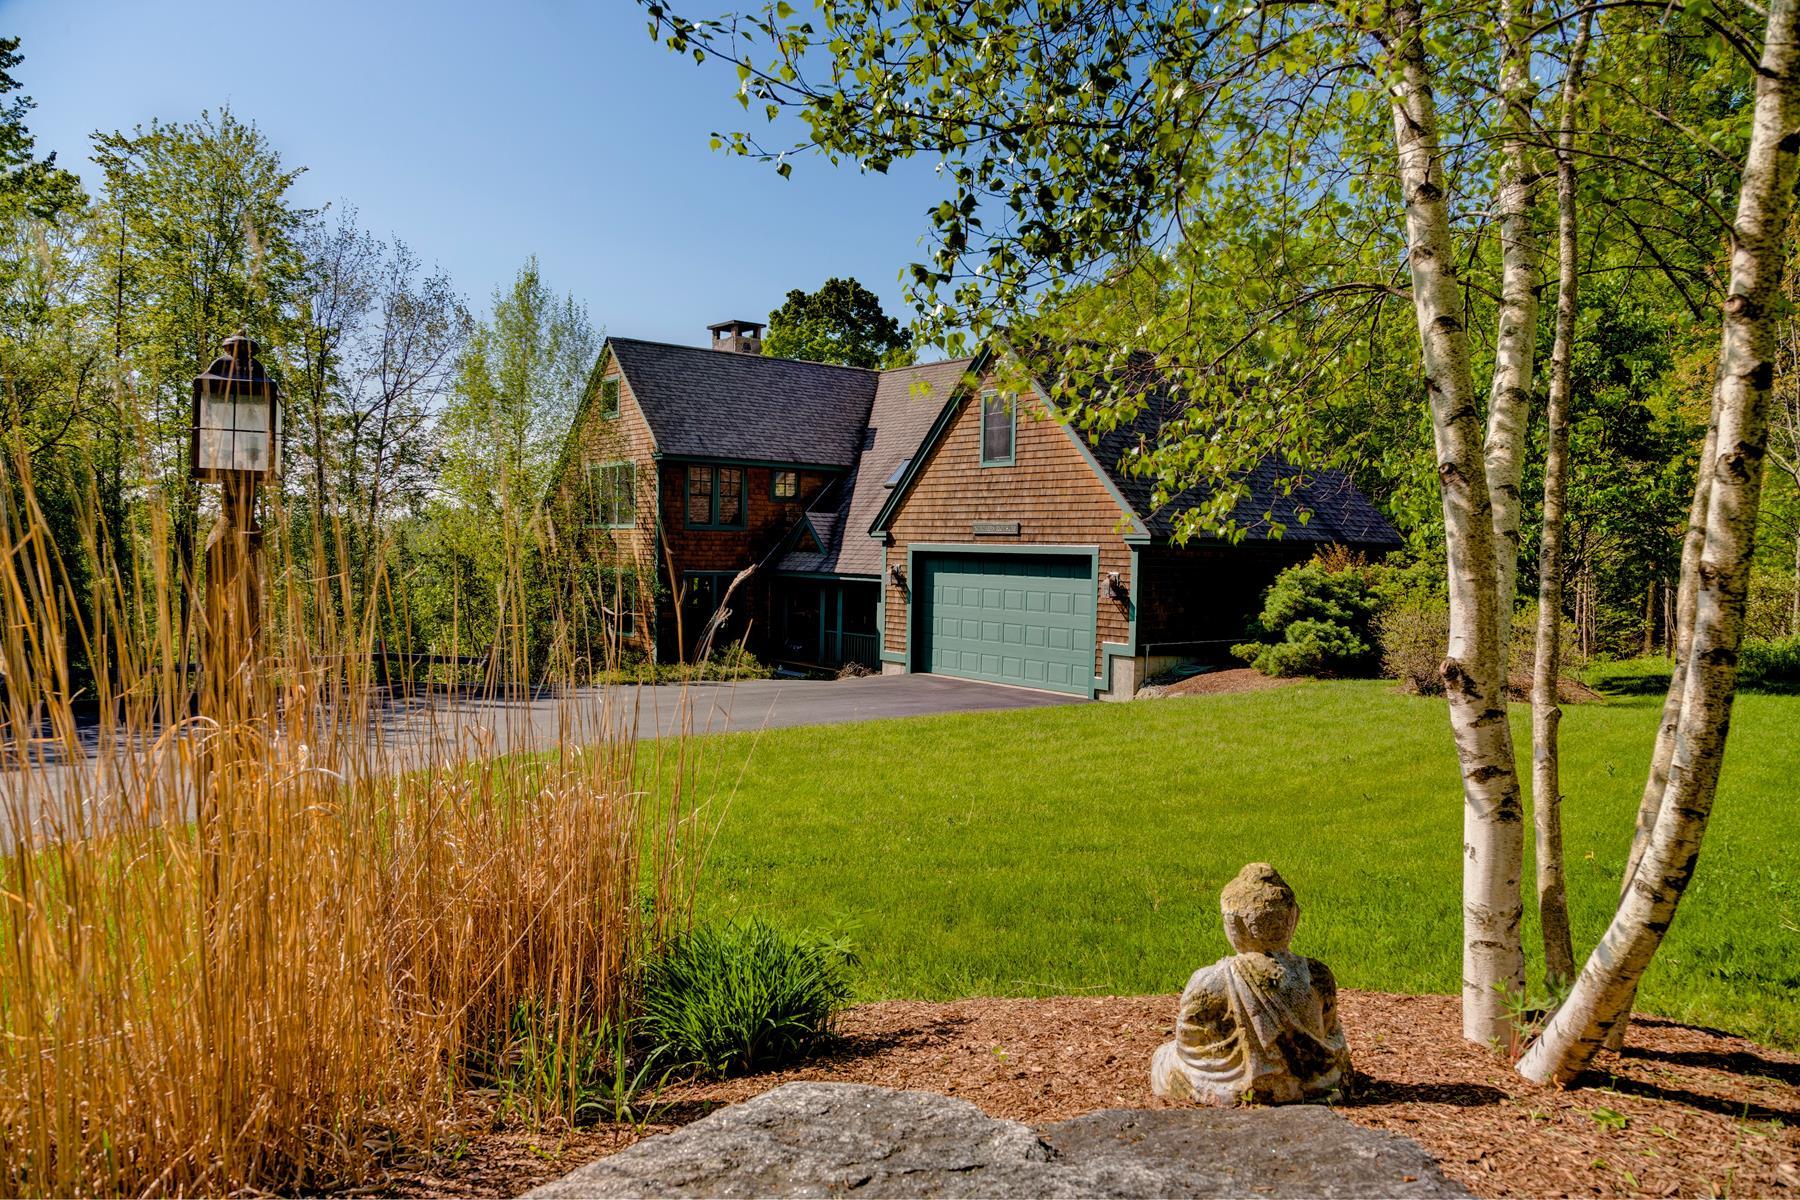 Casa Unifamiliar por un Venta en 202 Colby Hill Road, Springfield 202 Colby Hill Rd Springfield, Nueva Hampshire, 03284 Estados Unidos